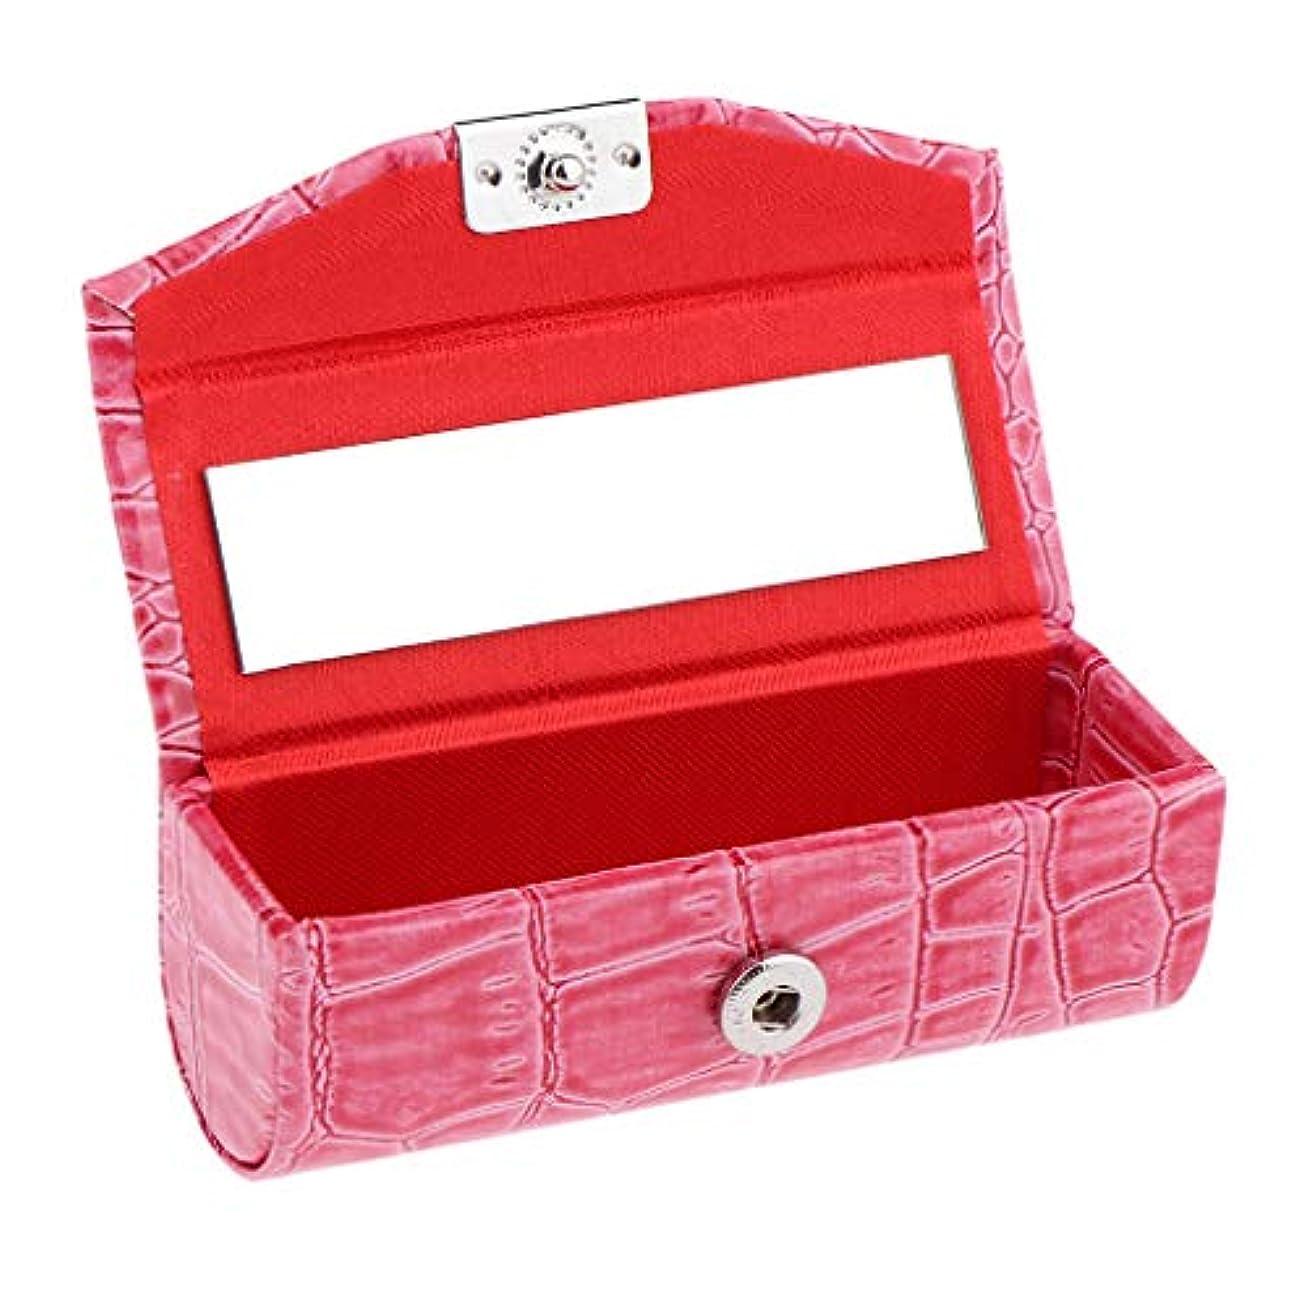 あいまいさレプリカ多数のIPOTCH レザー リップスティックケース 口紅ホルダー ミラー 収納ボックス 多色選べ - ローズレッド